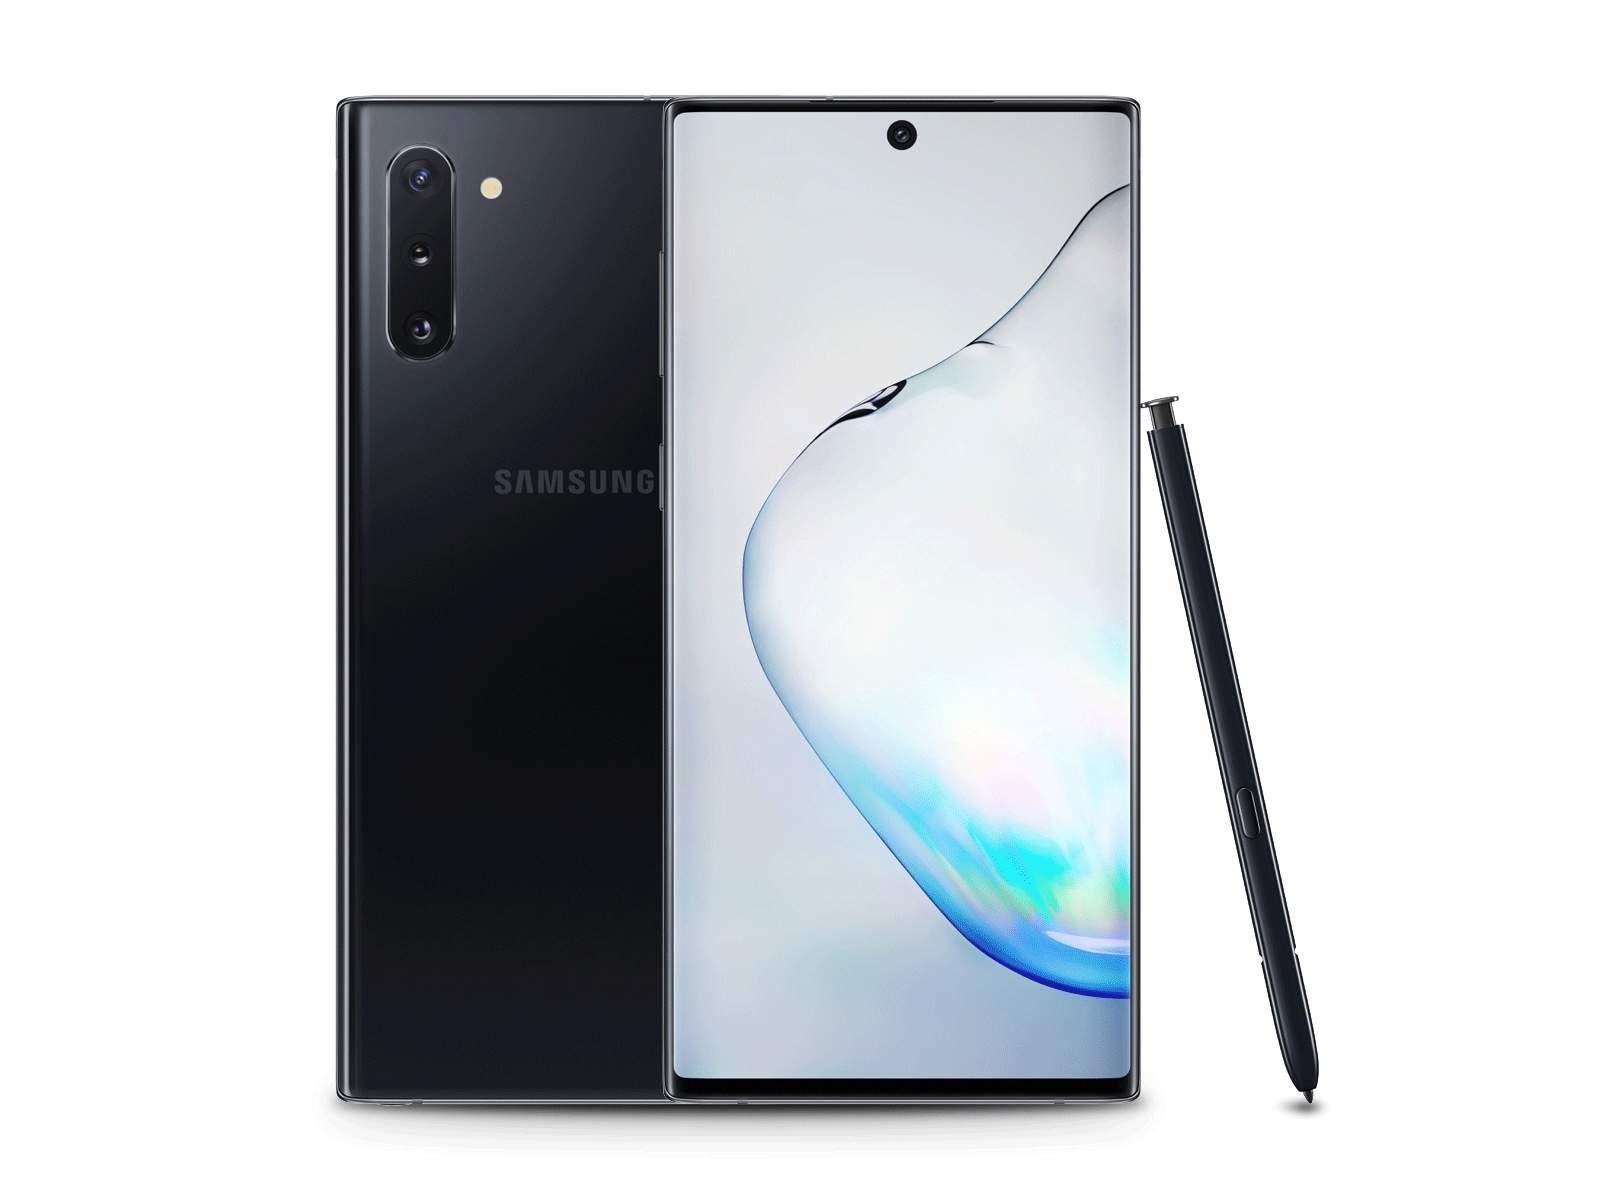 Samsung Galaxy Note 10 (RAM 8 GB, 256 GB, Aura Black)